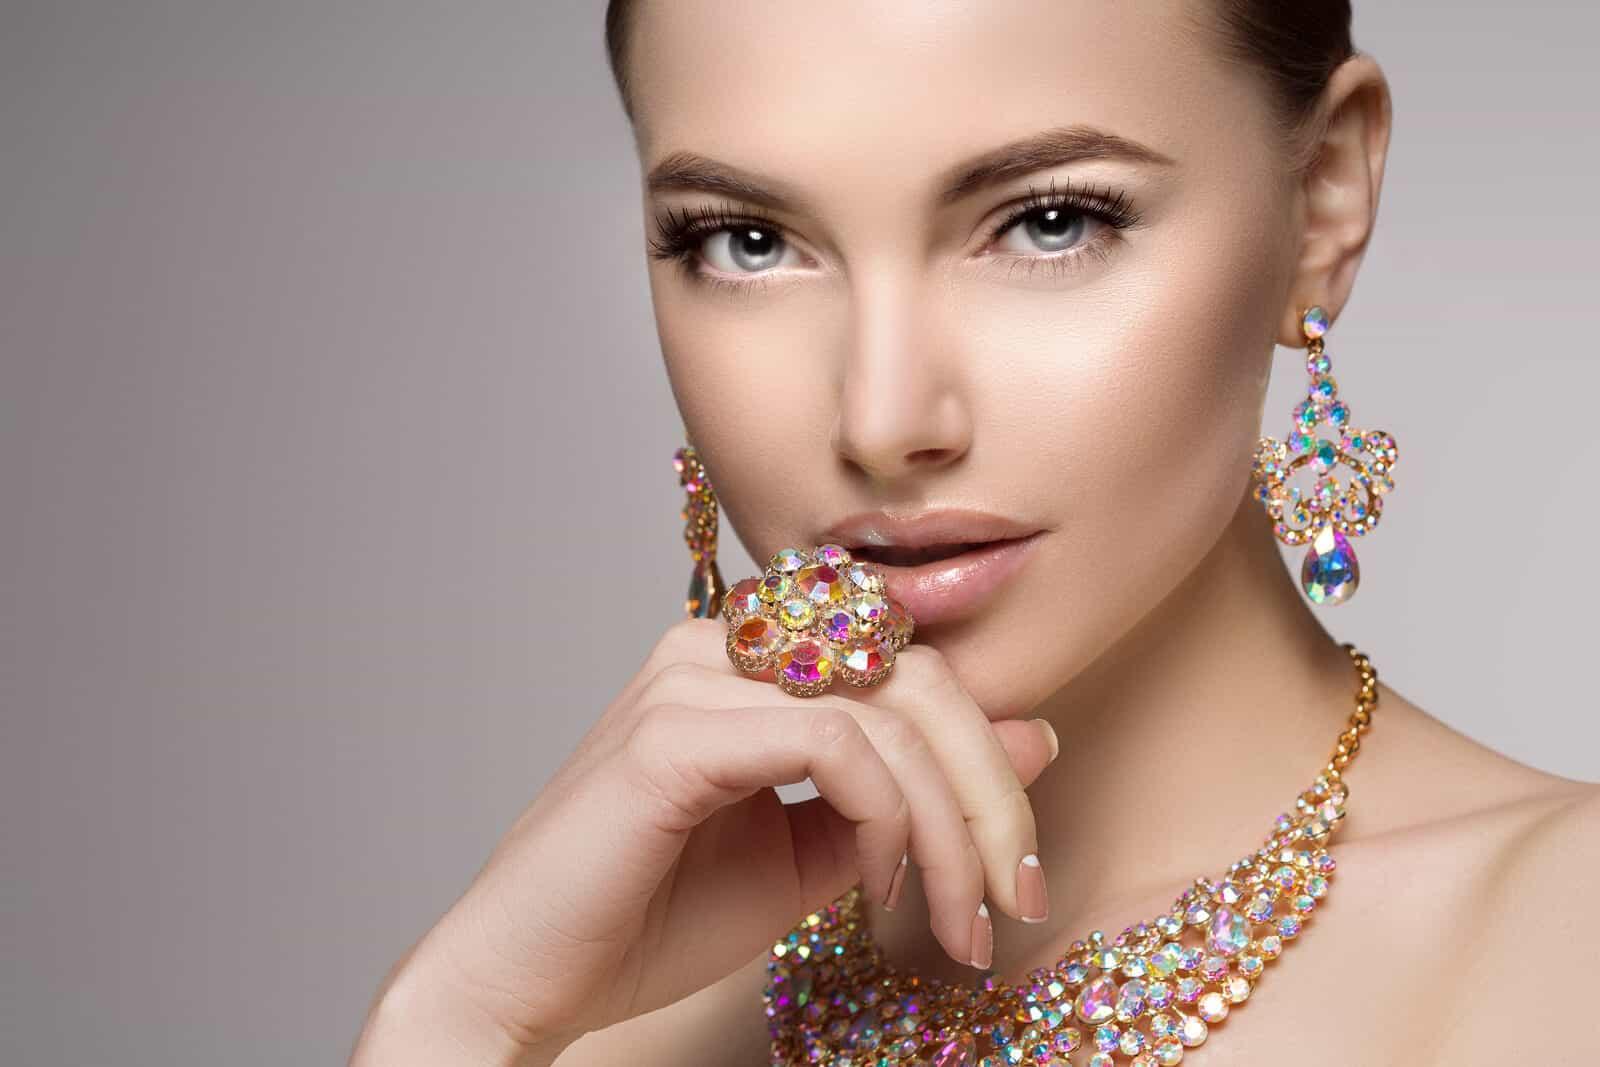 Fashion of mismatch earrings